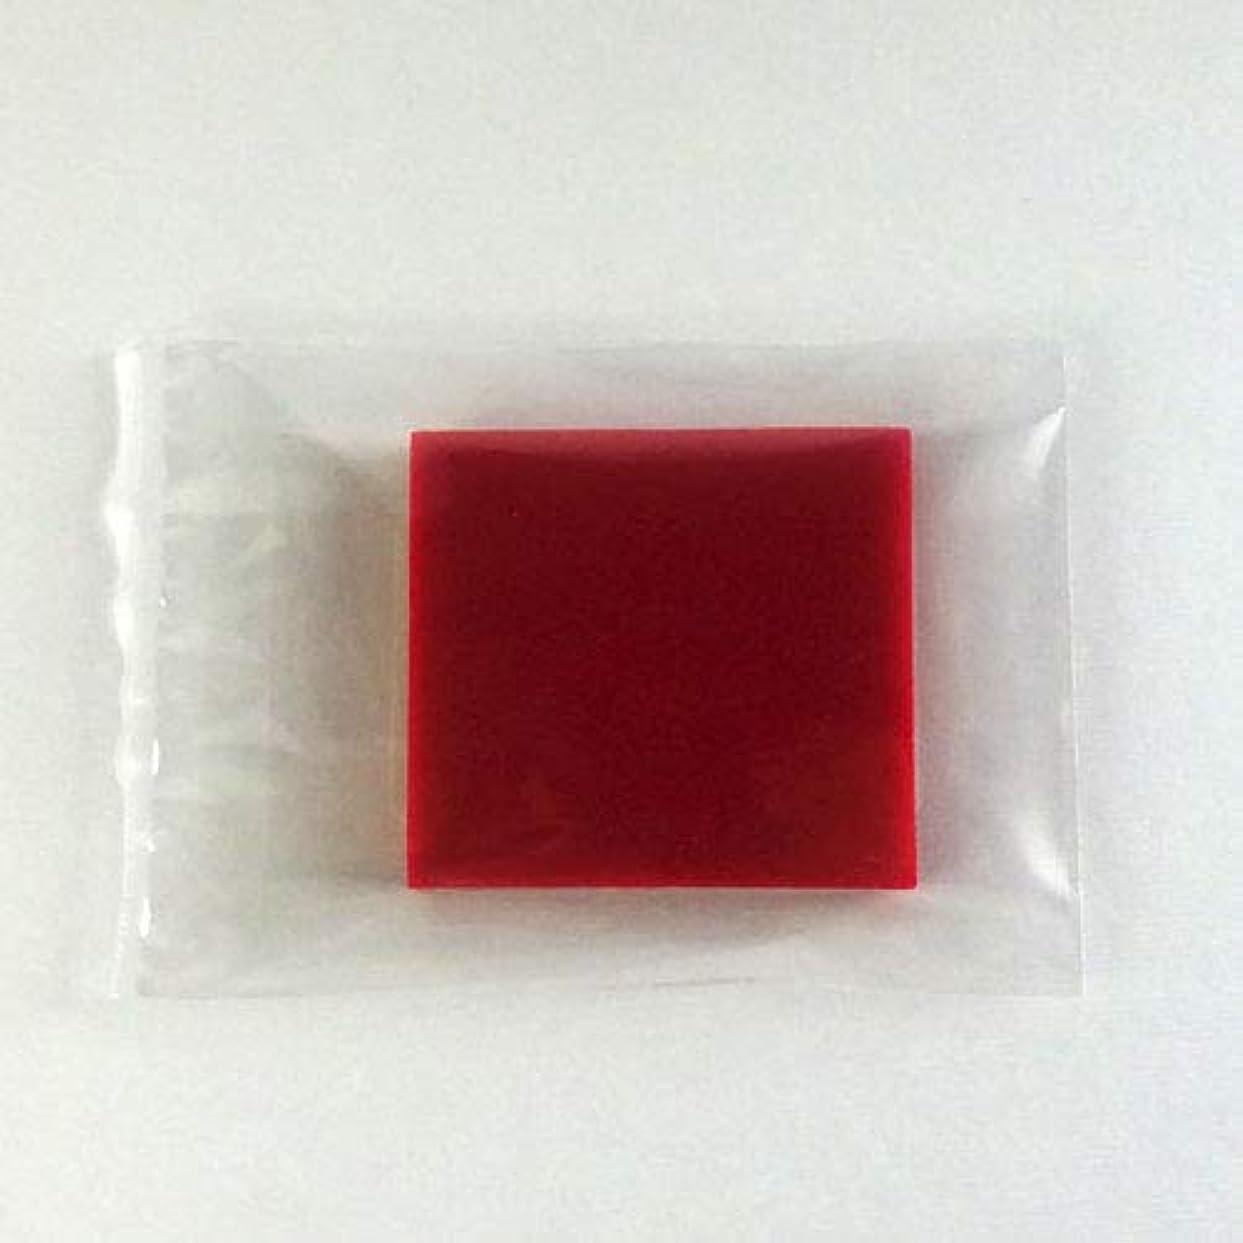 覆す戸口わずらわしいグリセリンソープ MPソープ 色チップ 赤(レッド) 120g(30g x 4pc)